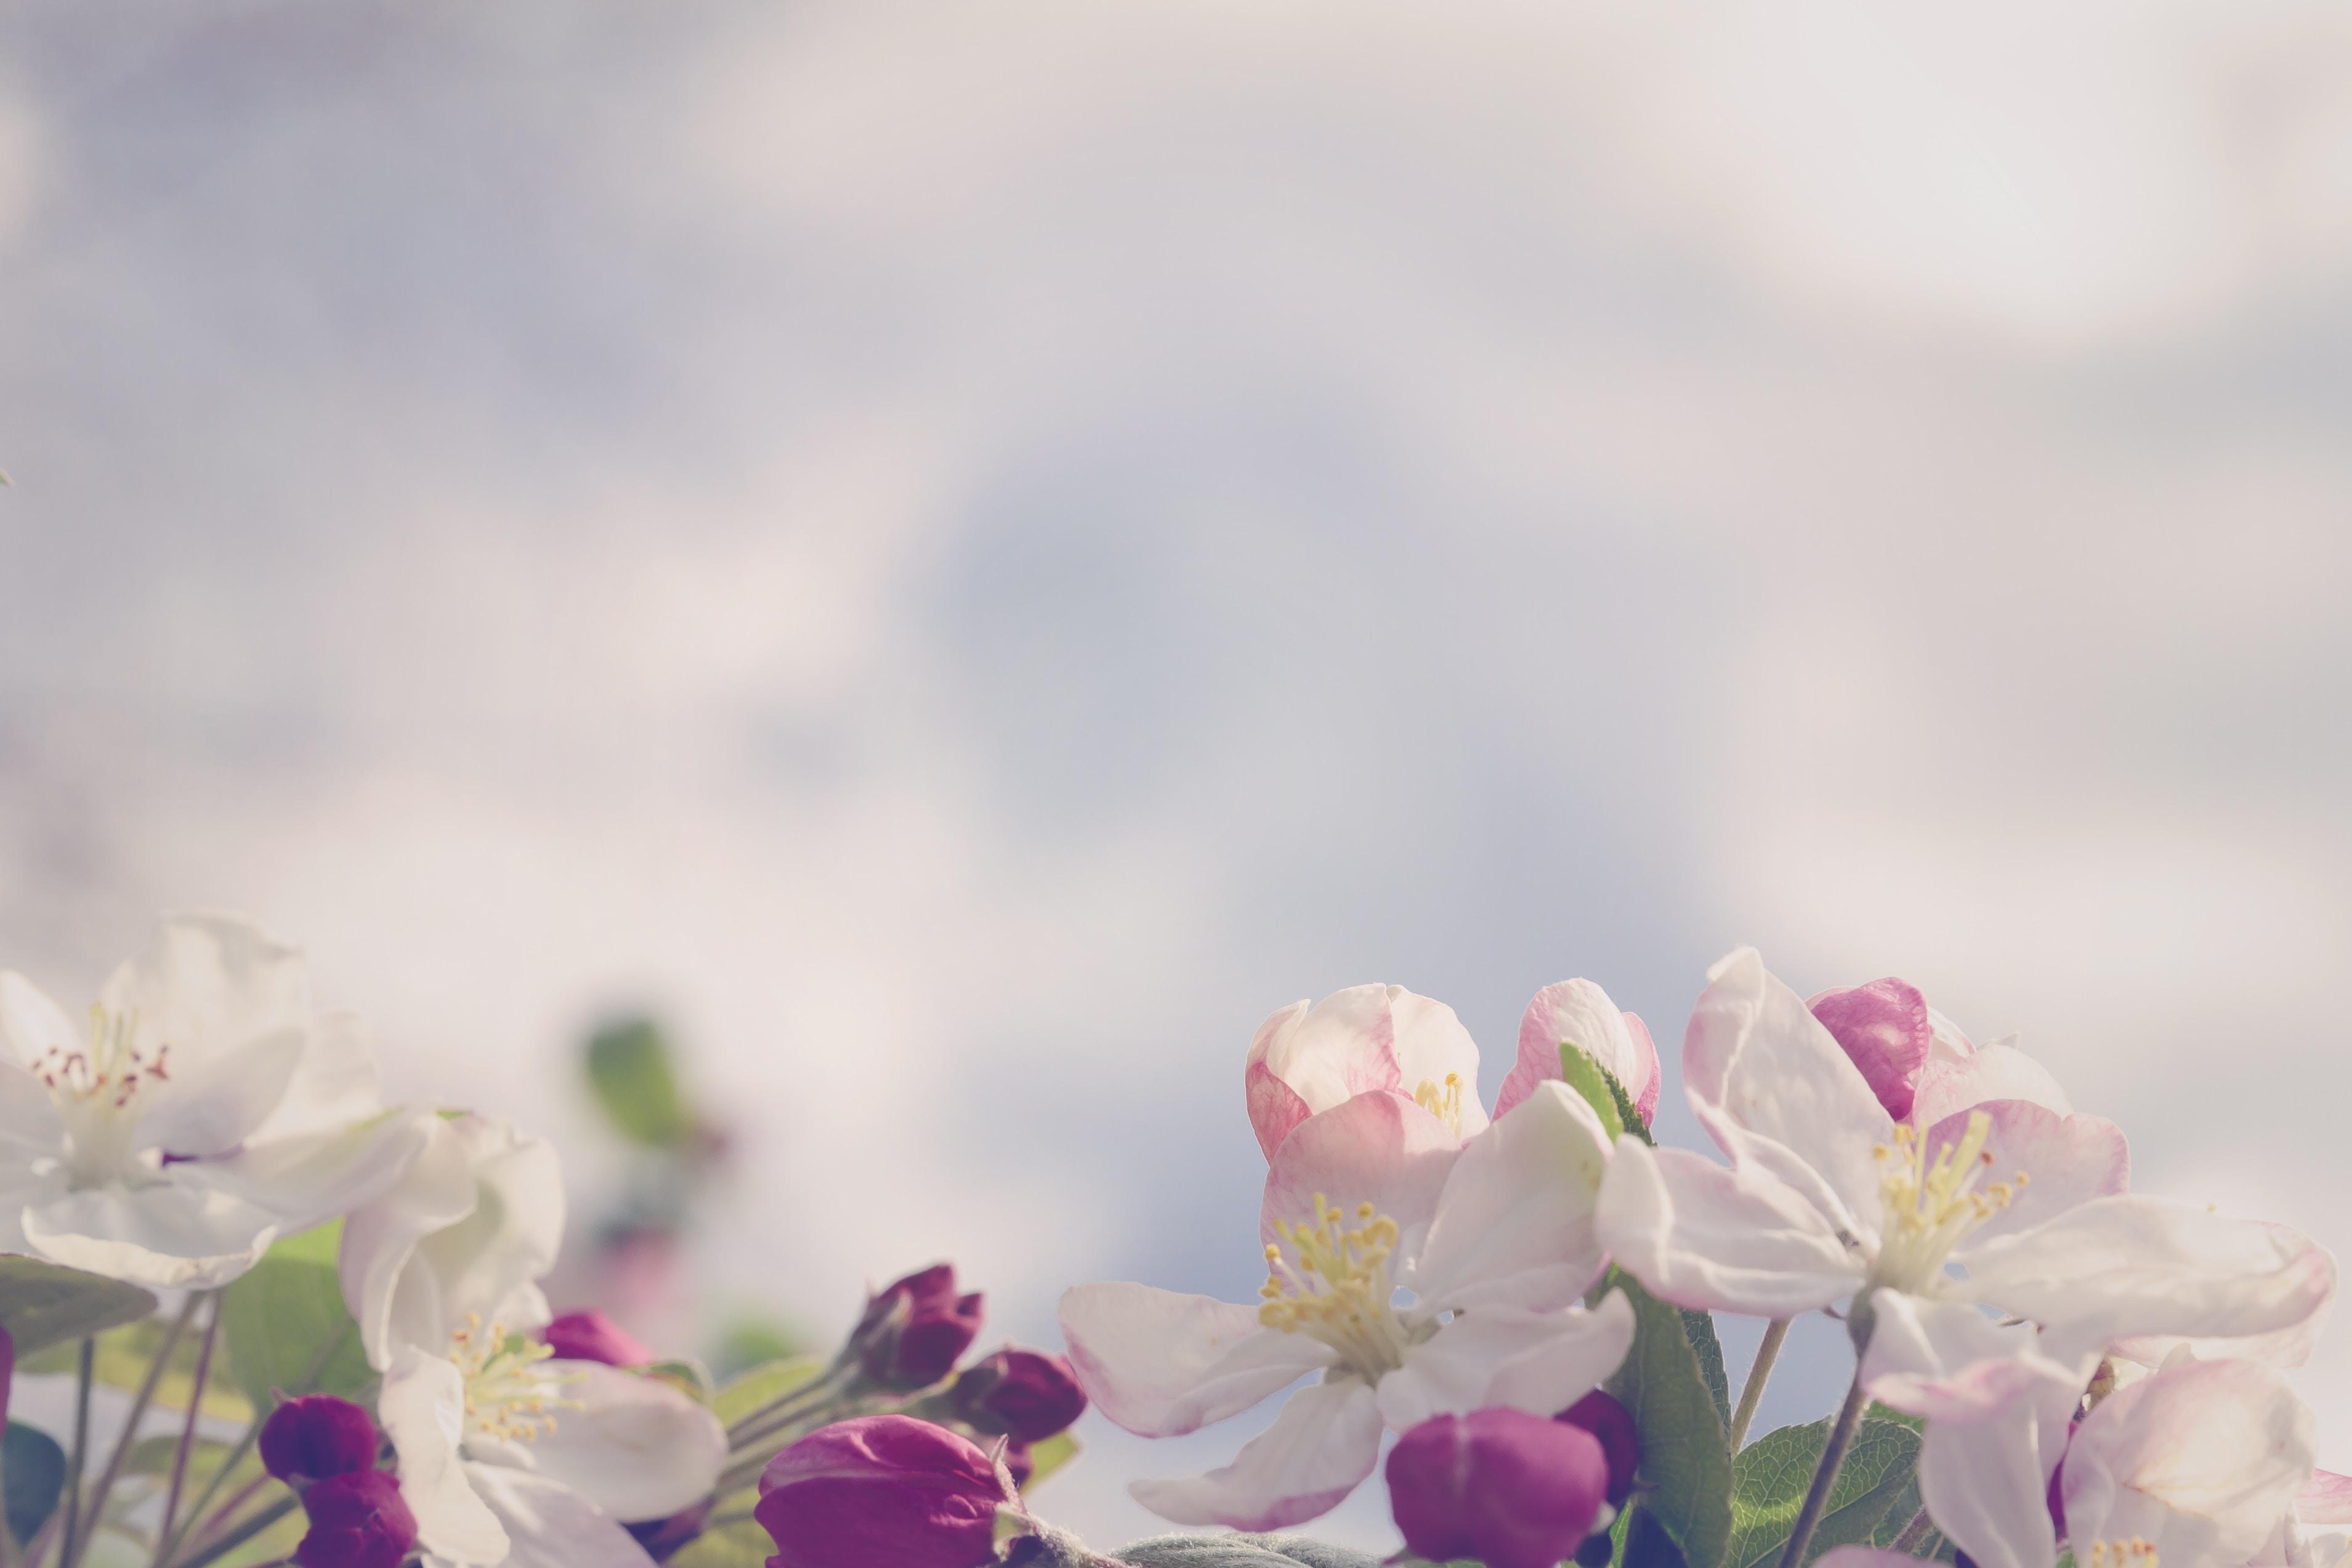 分開再愛?復合的兩難,回頭草的矛盾 - 失戀花園 海苔熊 心理學家